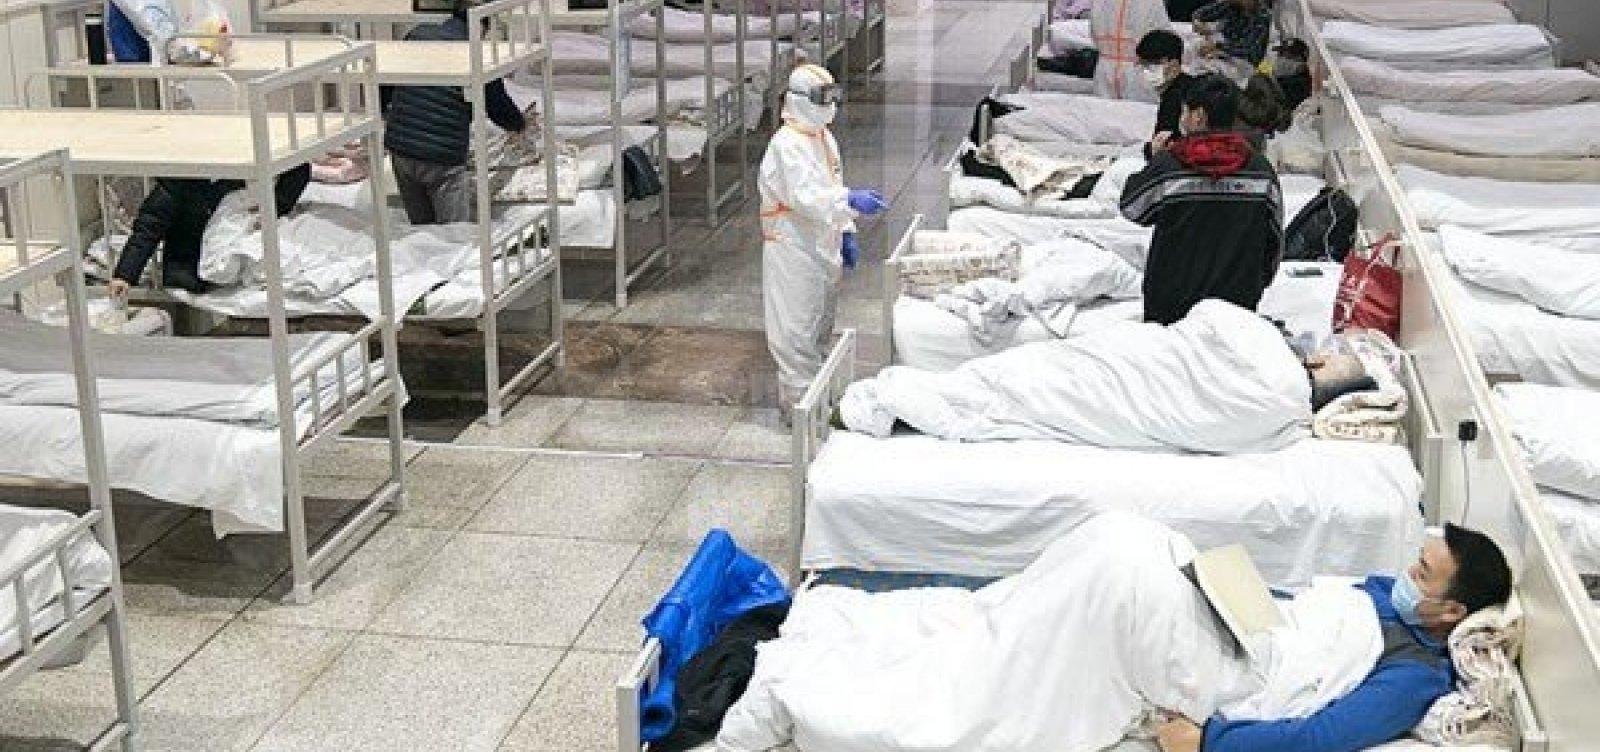 [China registra 1º dia sem mortes por Covid-19]